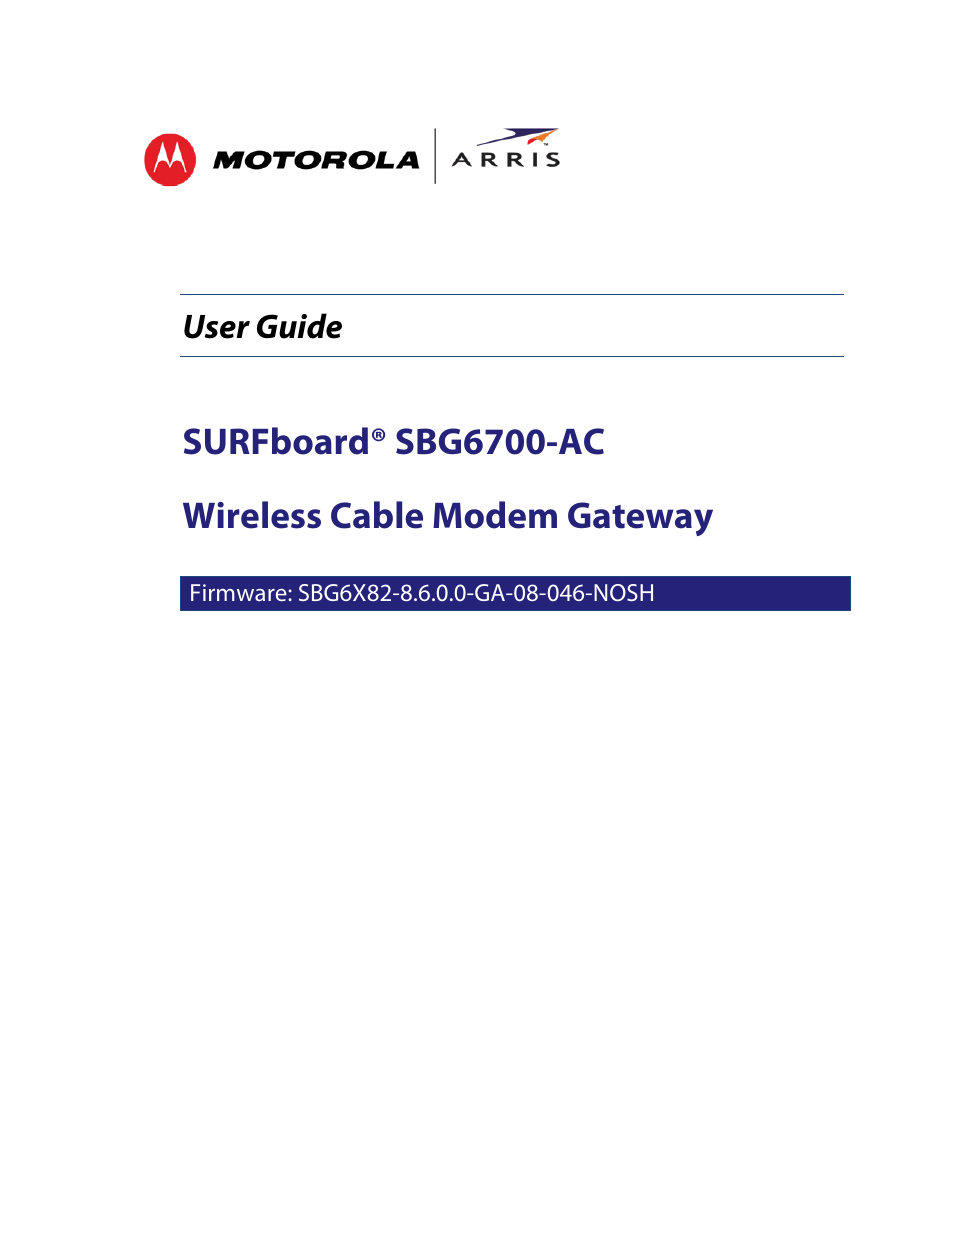 arris sbg6700 user guide user manual 86 pages rh manualsdir com Craftsman Snowblower Manual Craftsman LT 2000 Manual PDF